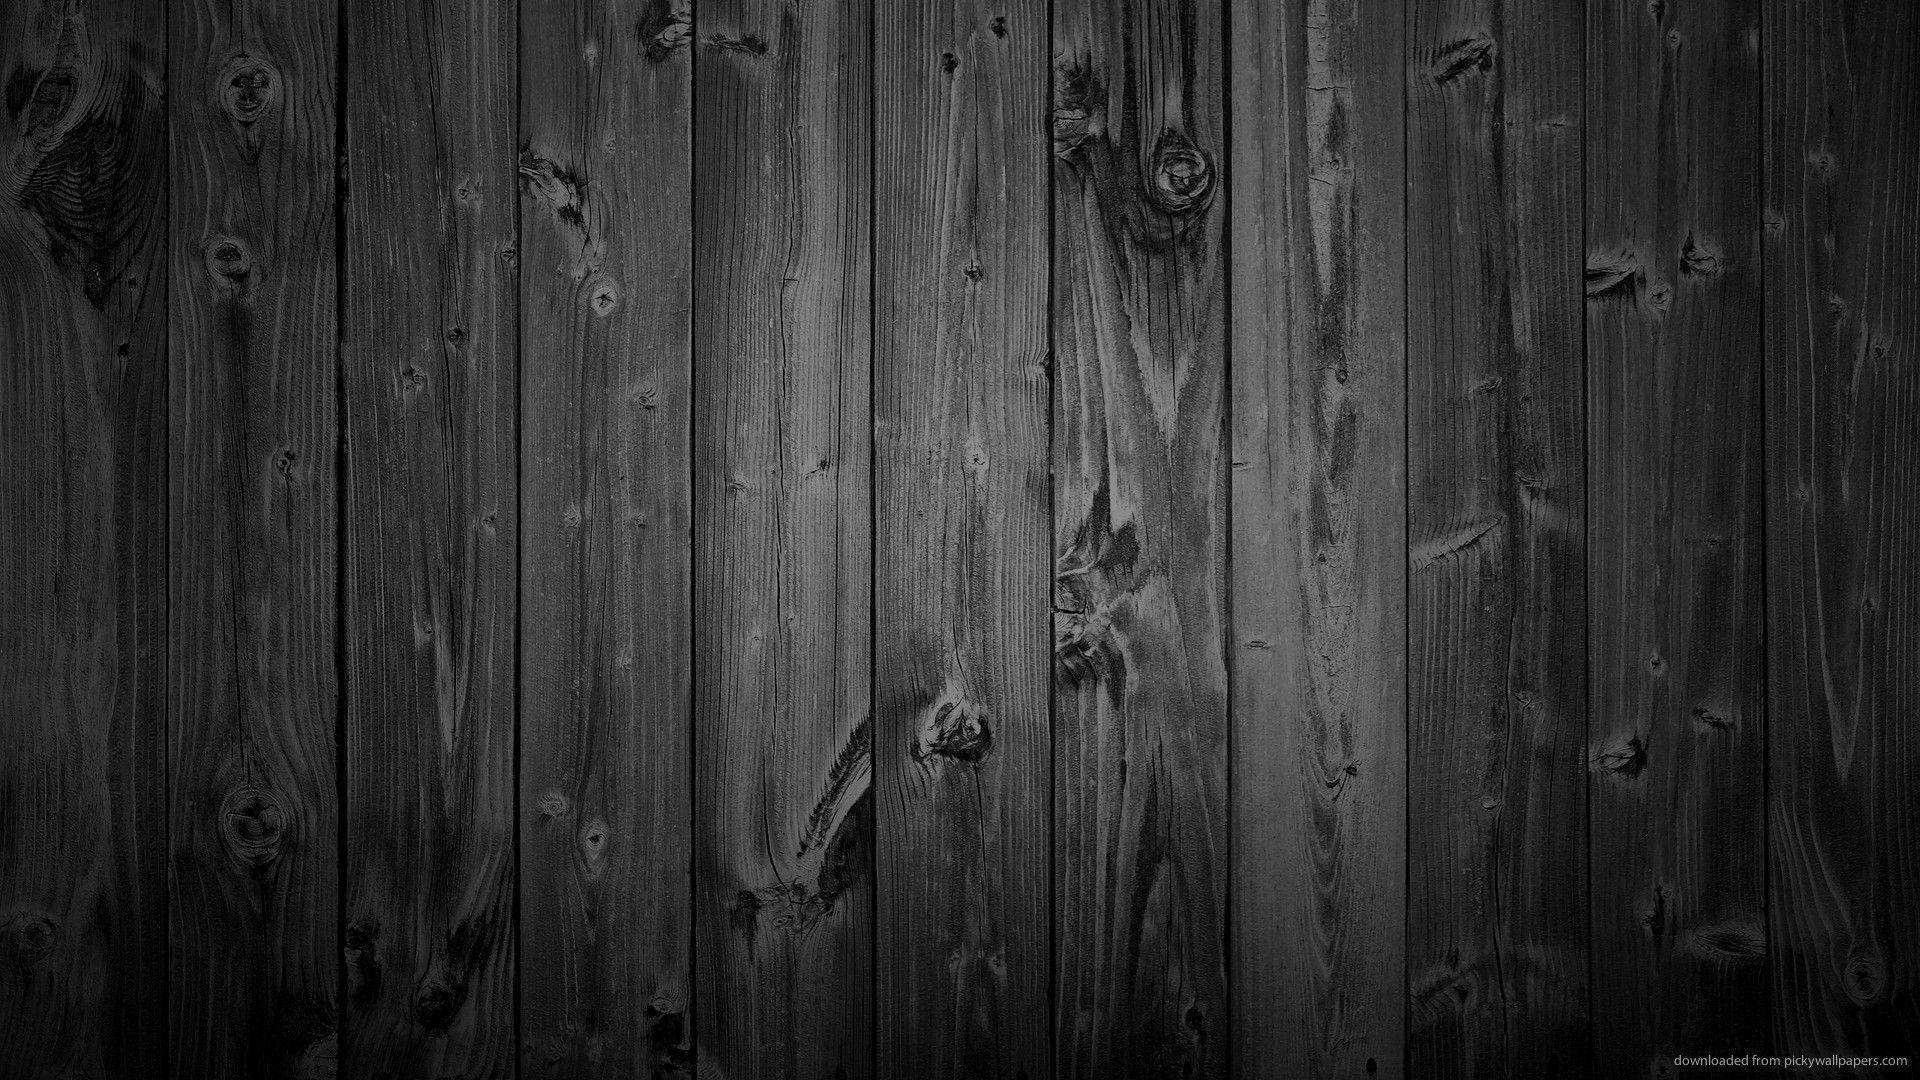 Black Wood Wallpapers - Top Free Black